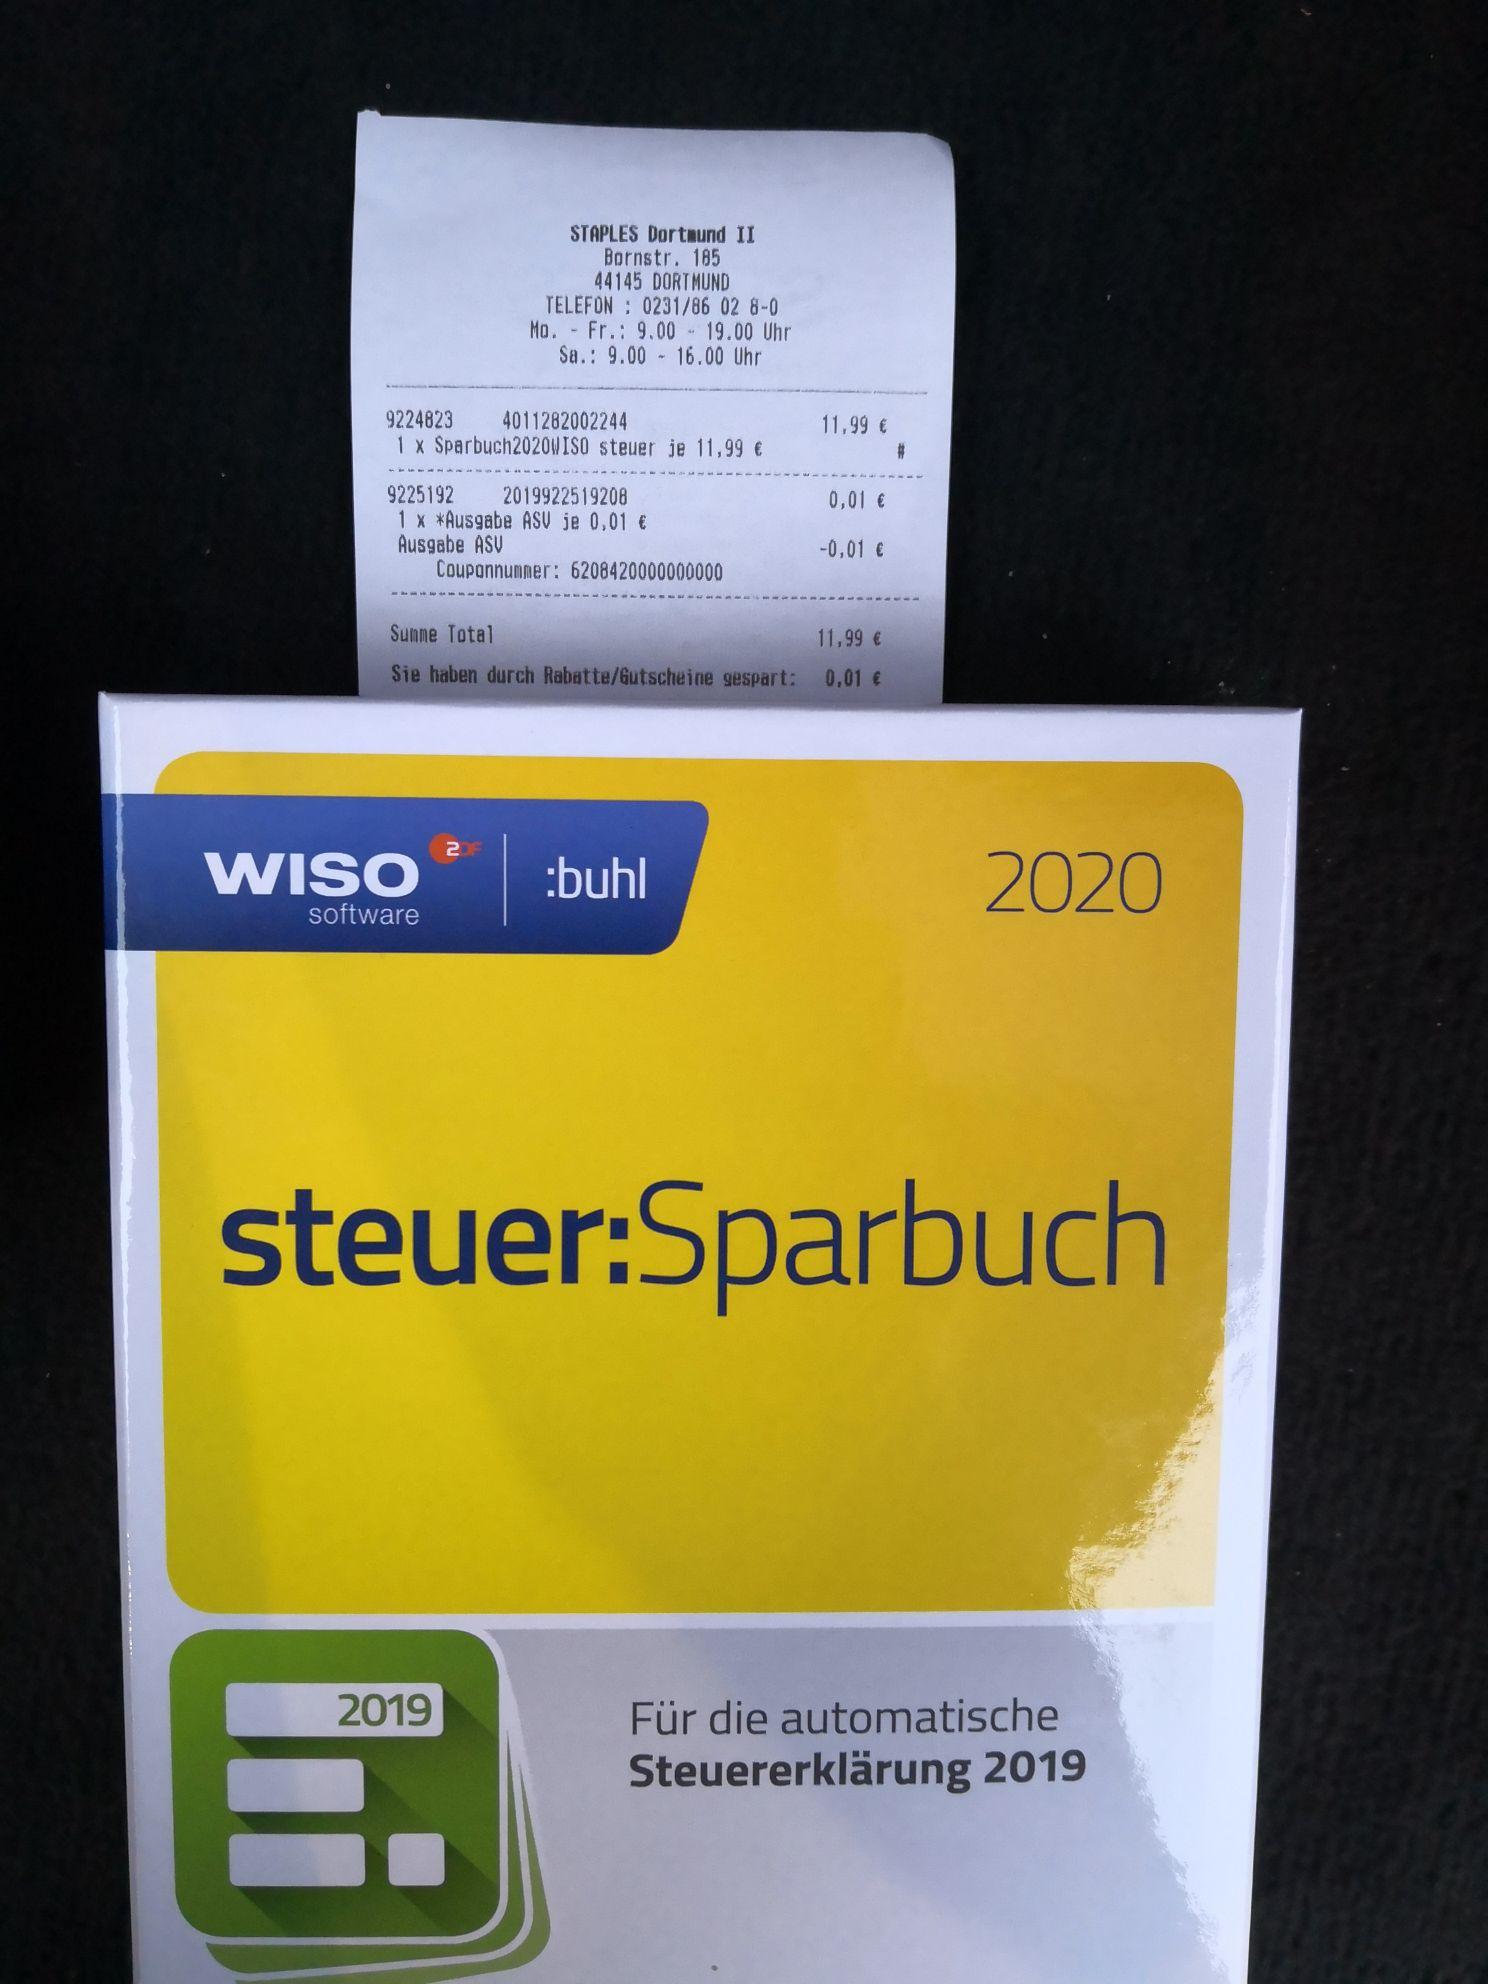 STAPLES WISO Steuer Sparbuch 2020 (für Steuerjahr 2019) Lokal siehe Beschreibung (u.a. Dortmund, Essen, Frankfurt, Hamburg, Bremen, München)